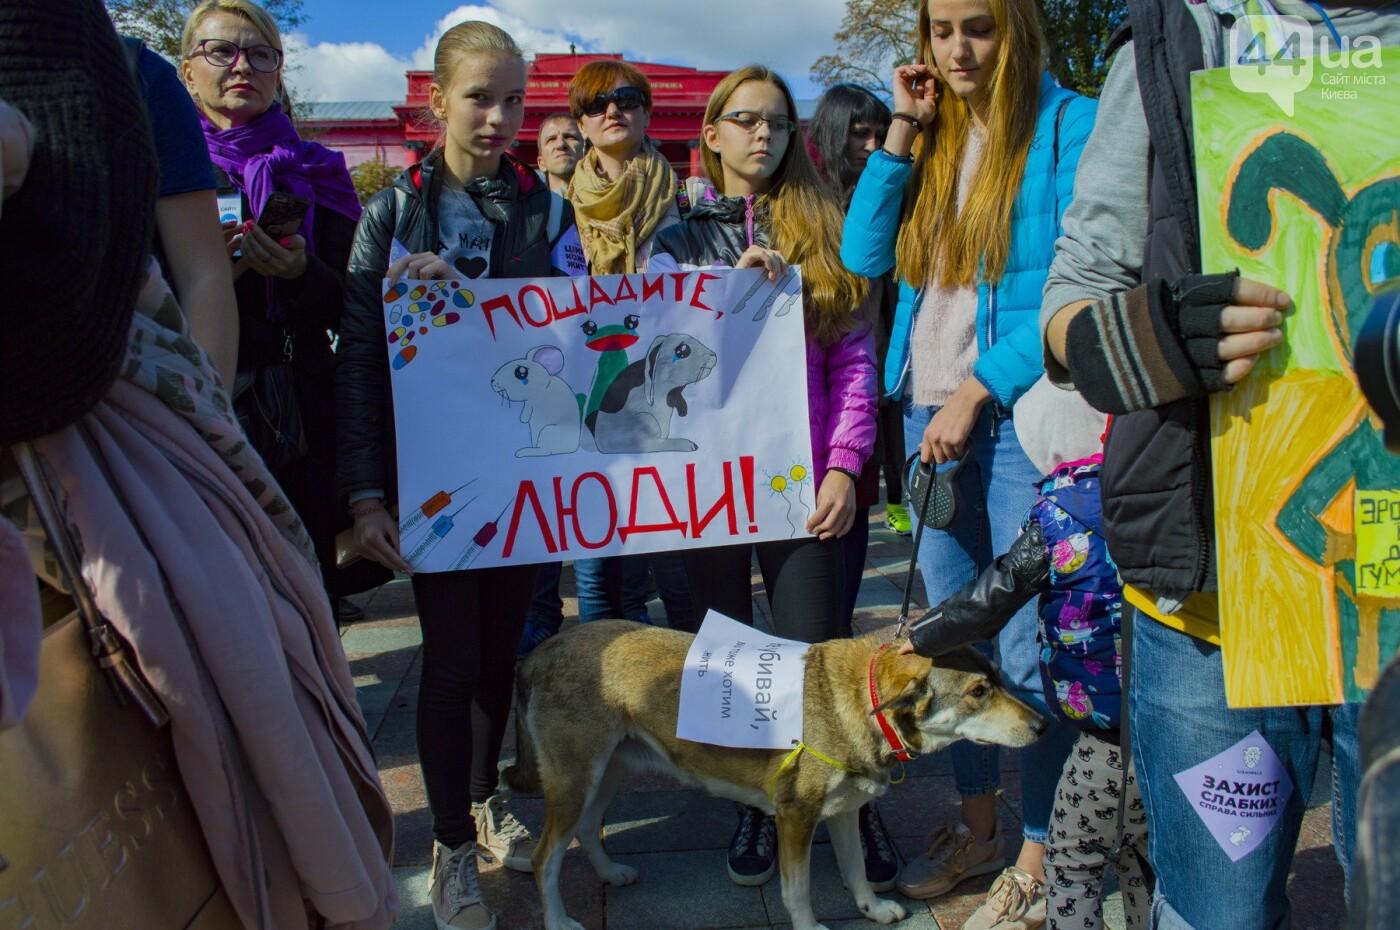 Собаки, коты и хомячки: в Киеве прошла акция за права животных, - ФОТОРЕПОРТАЖ, фото-25